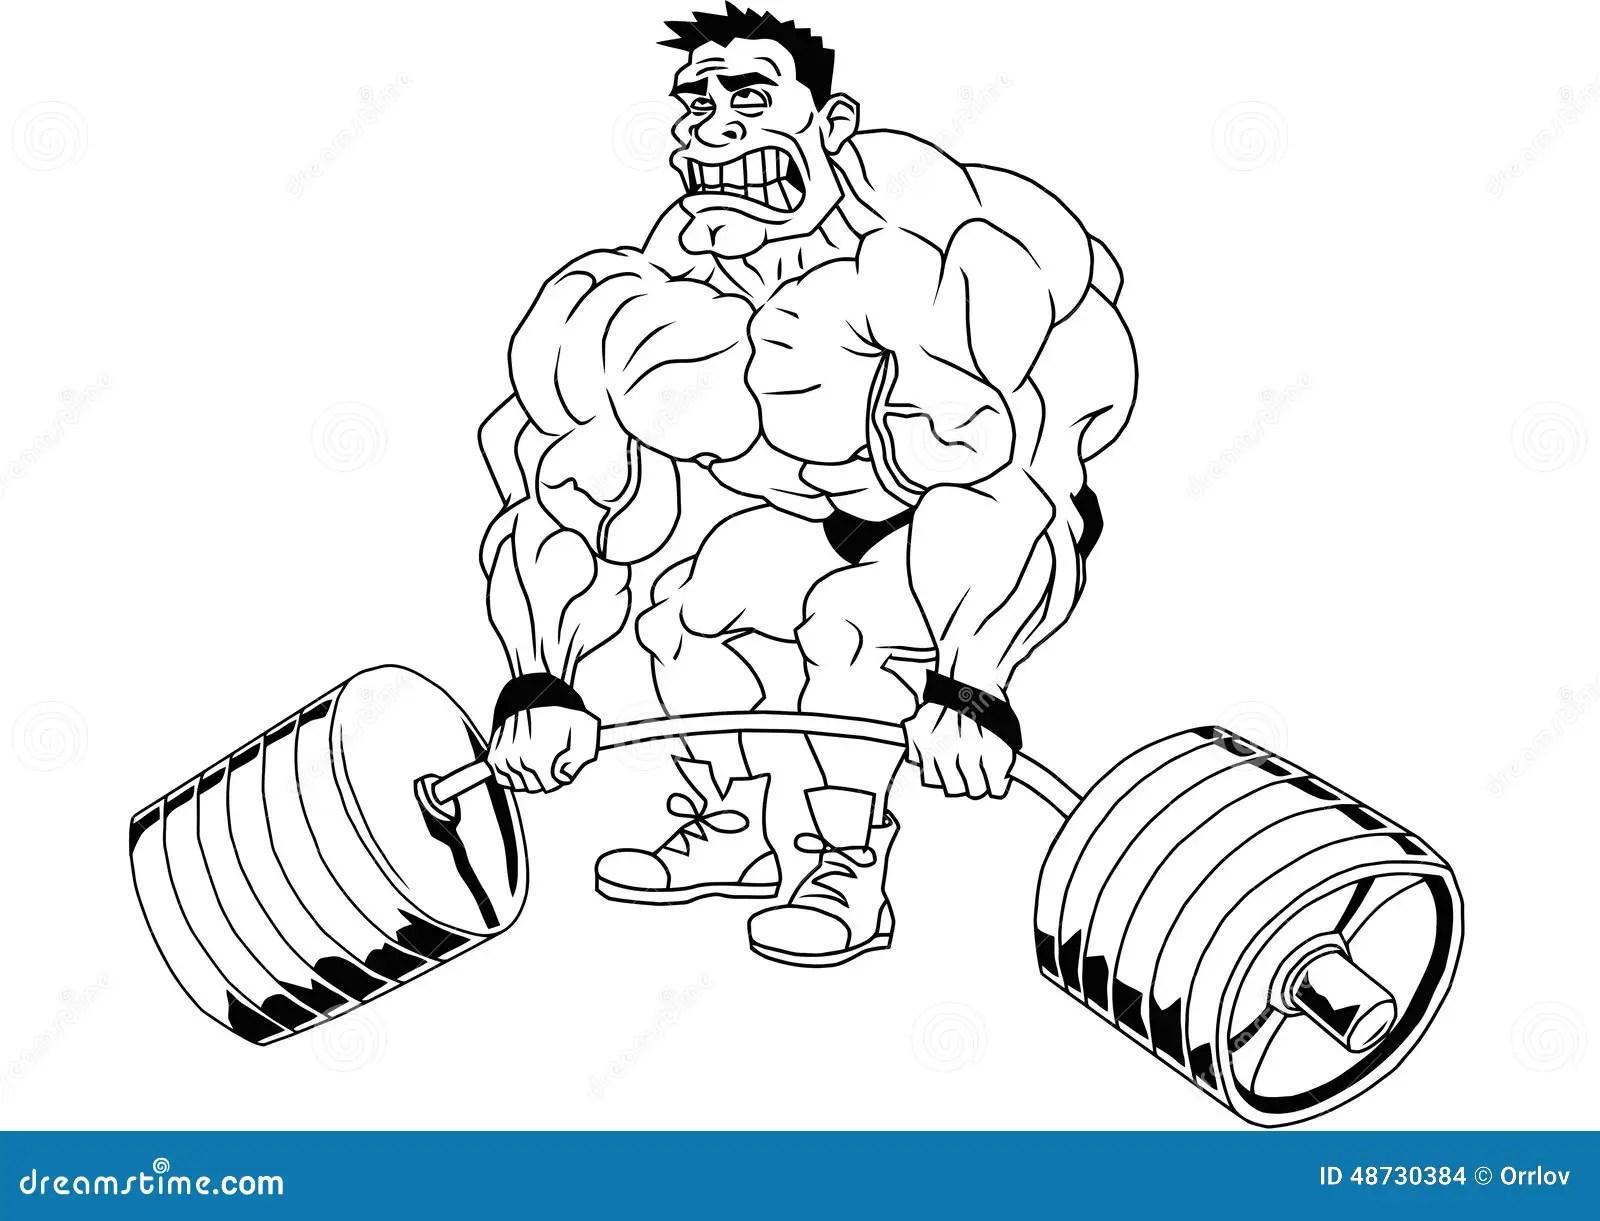 Cartoon Funny Bodybuilder Stock Vector Illustration Of